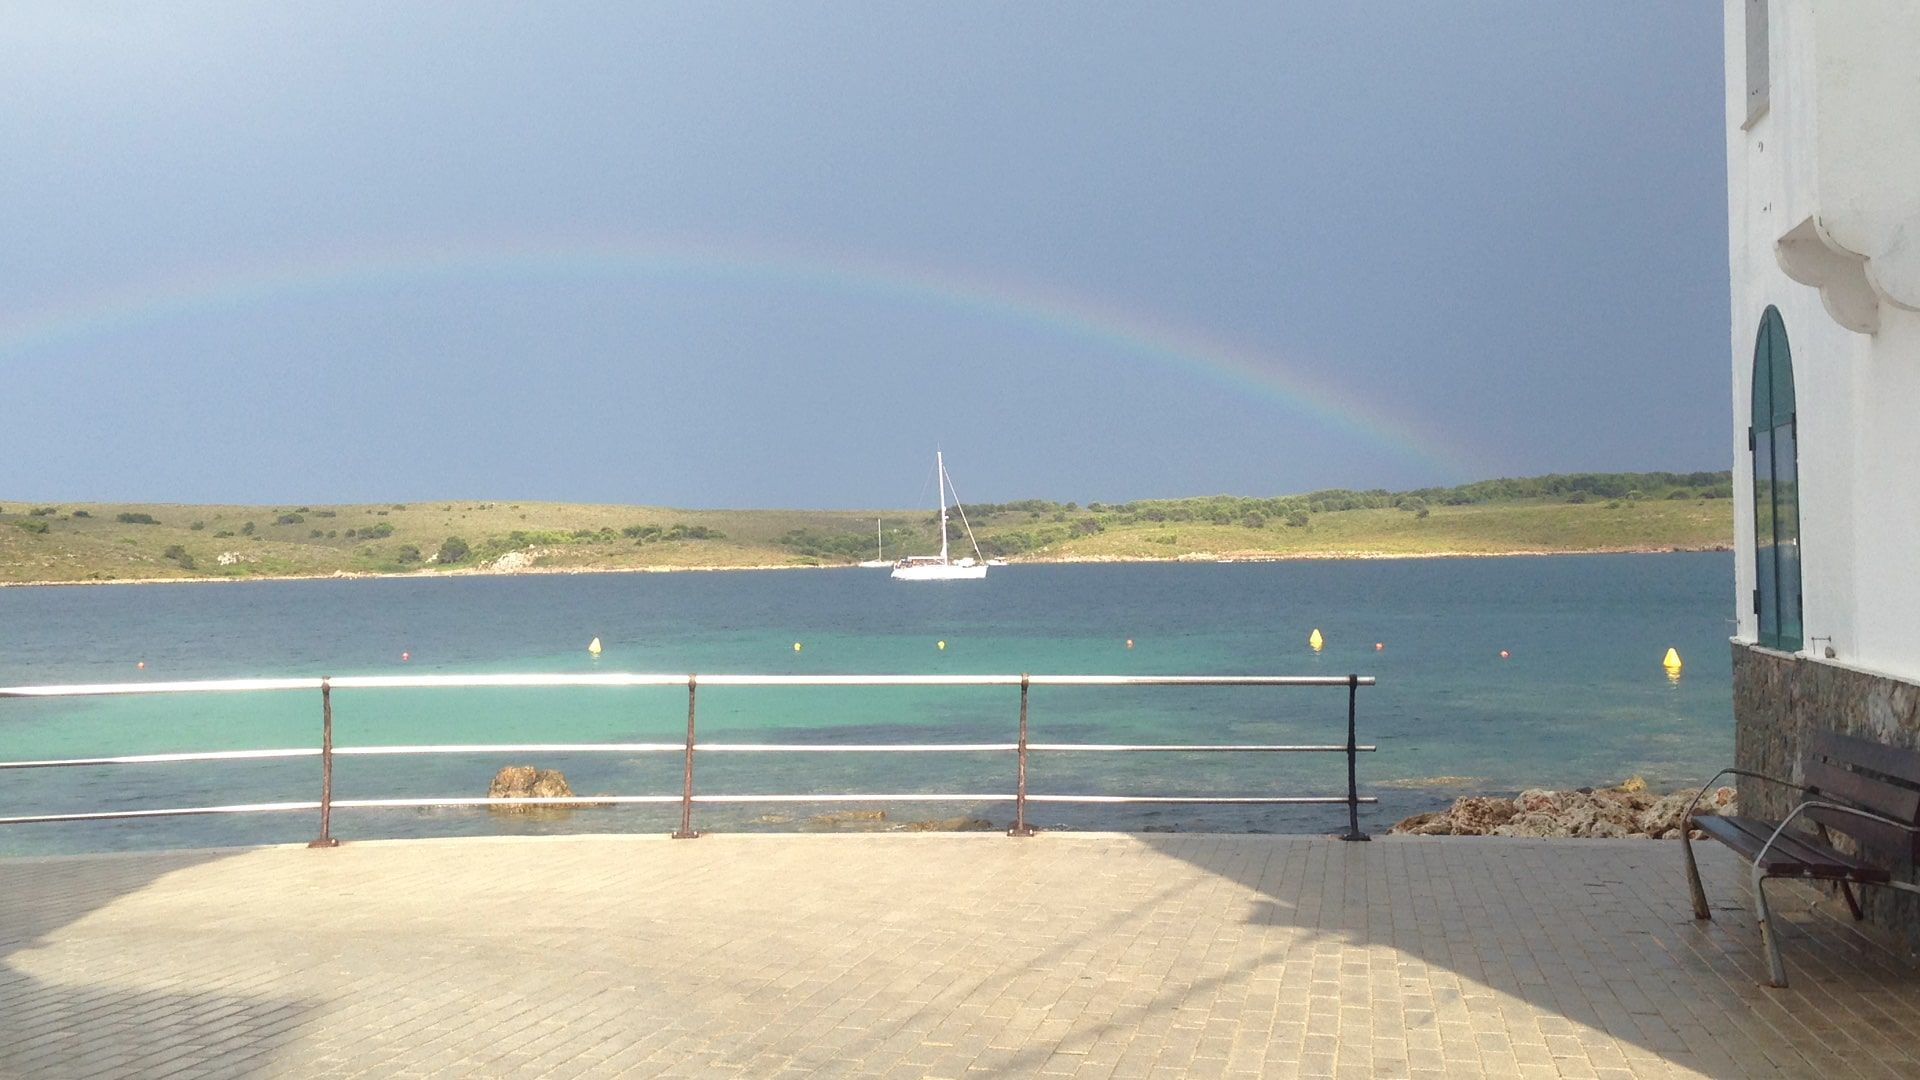 Arc sobre el mar Menorca#Núria Sagalés Mas 28